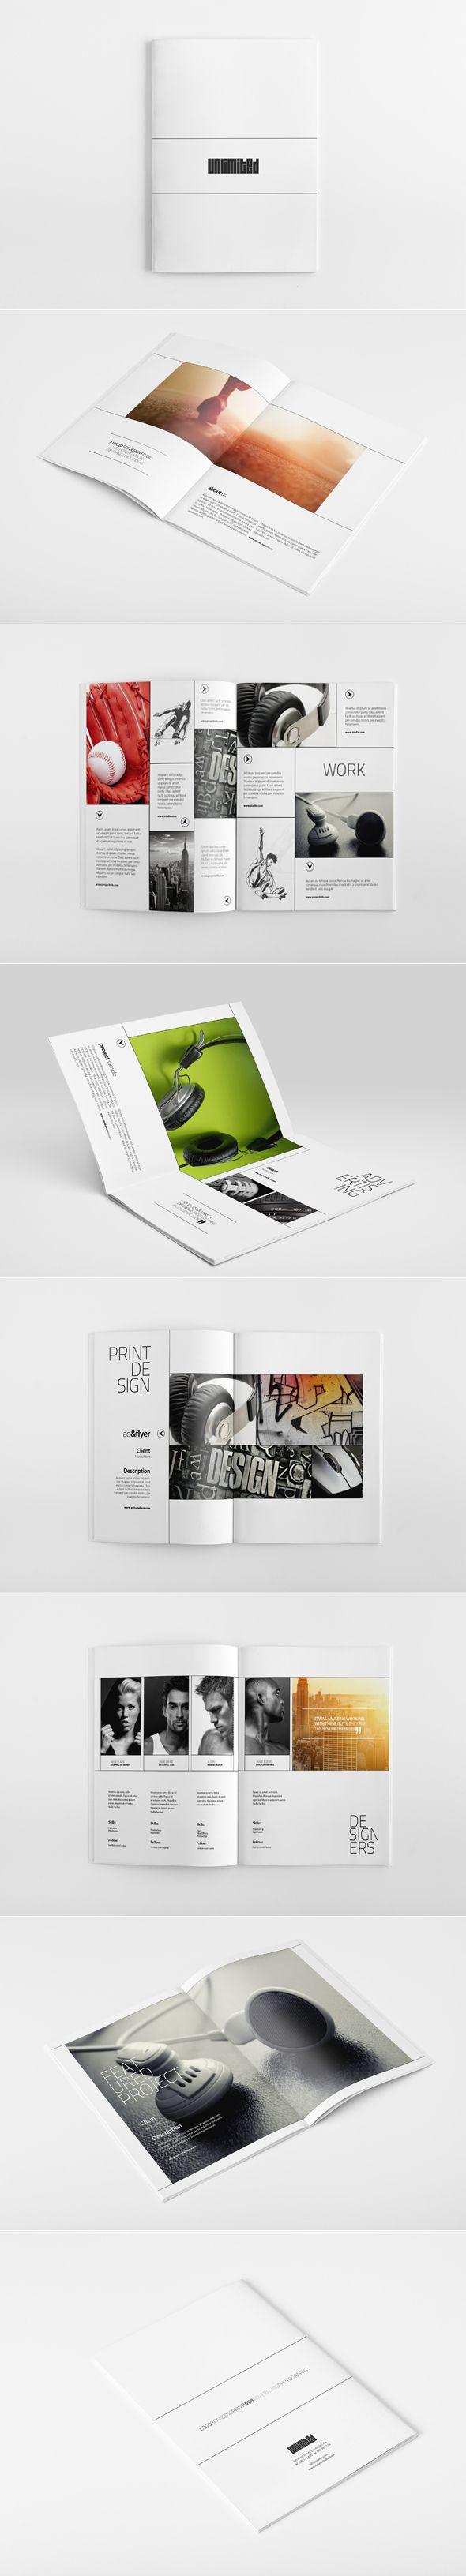 Unlimited Portfolio Inspiration for SK: Imprint